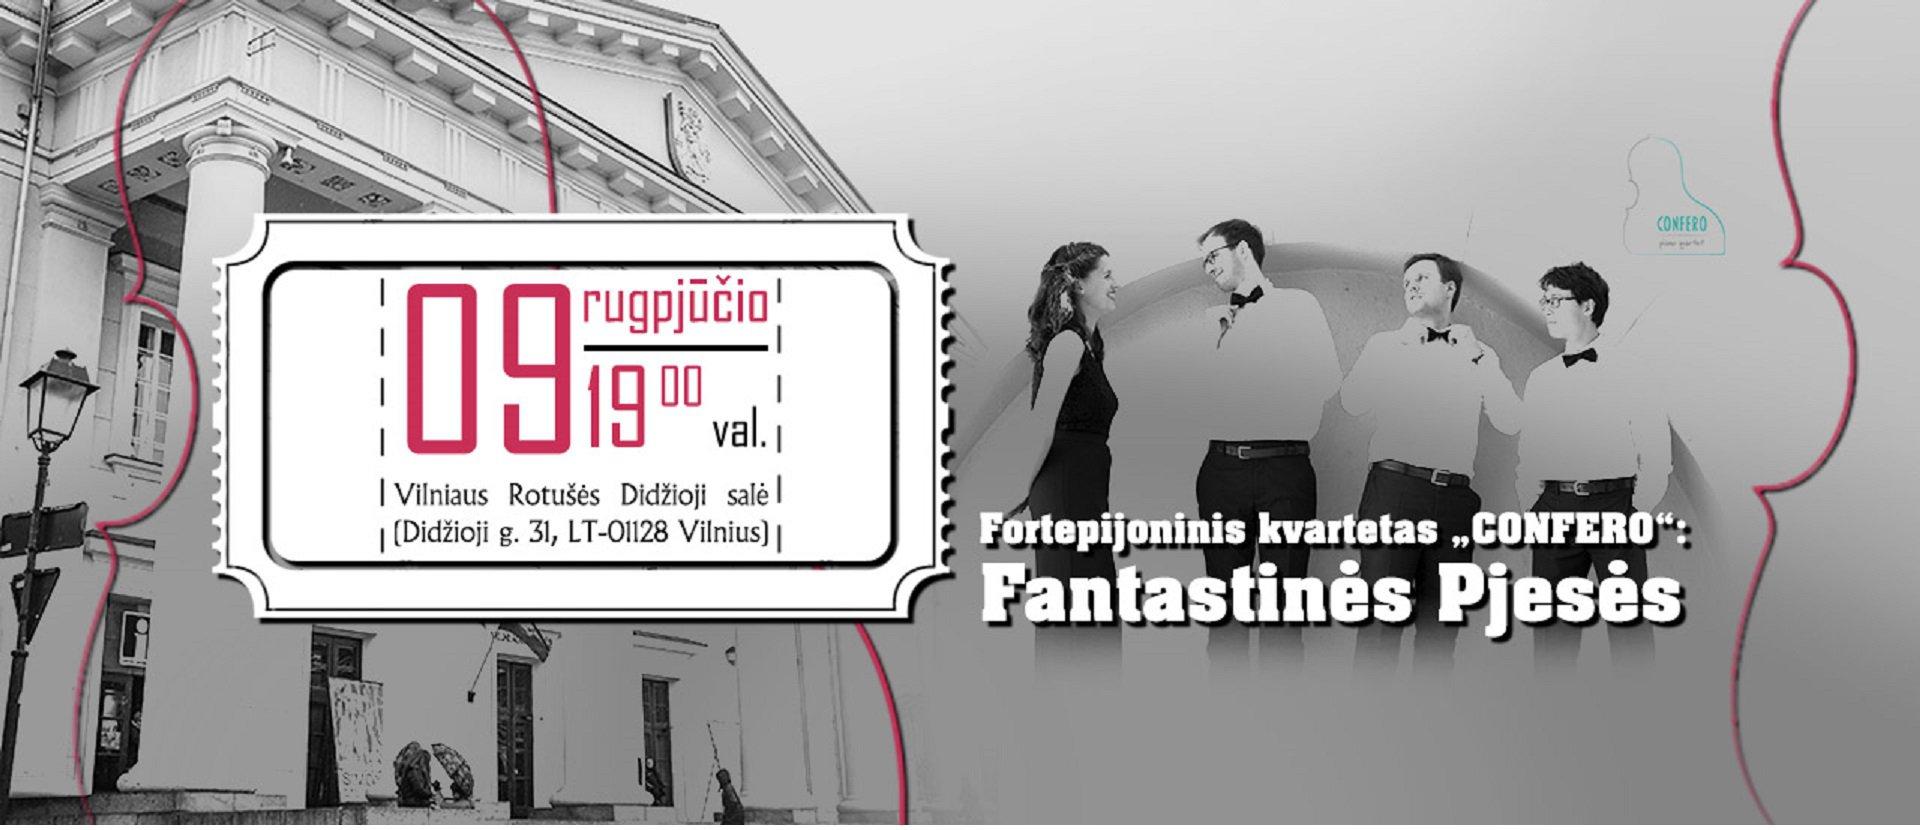 """Fortepijoninio kvarteto """"Confero"""" koncertas"""